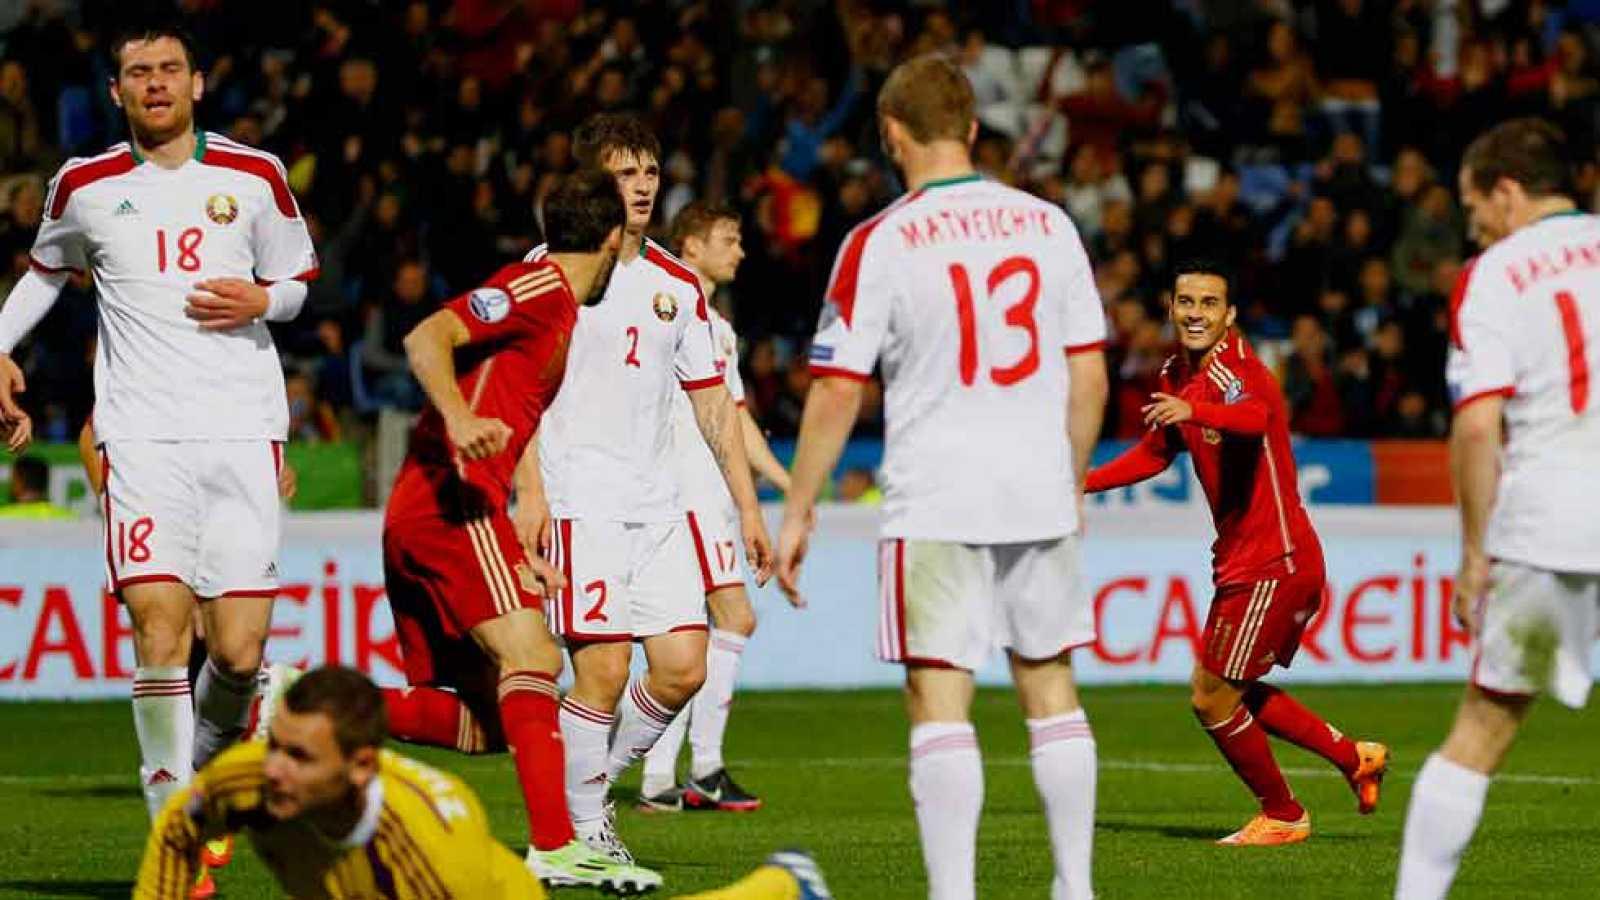 El delantero canario Pedro Rodríguez ha marcado el 3-0 ante Bielorrusia en el minuto 55 de juego, tras una jugada combinativa con Juanfran y Cazorla.